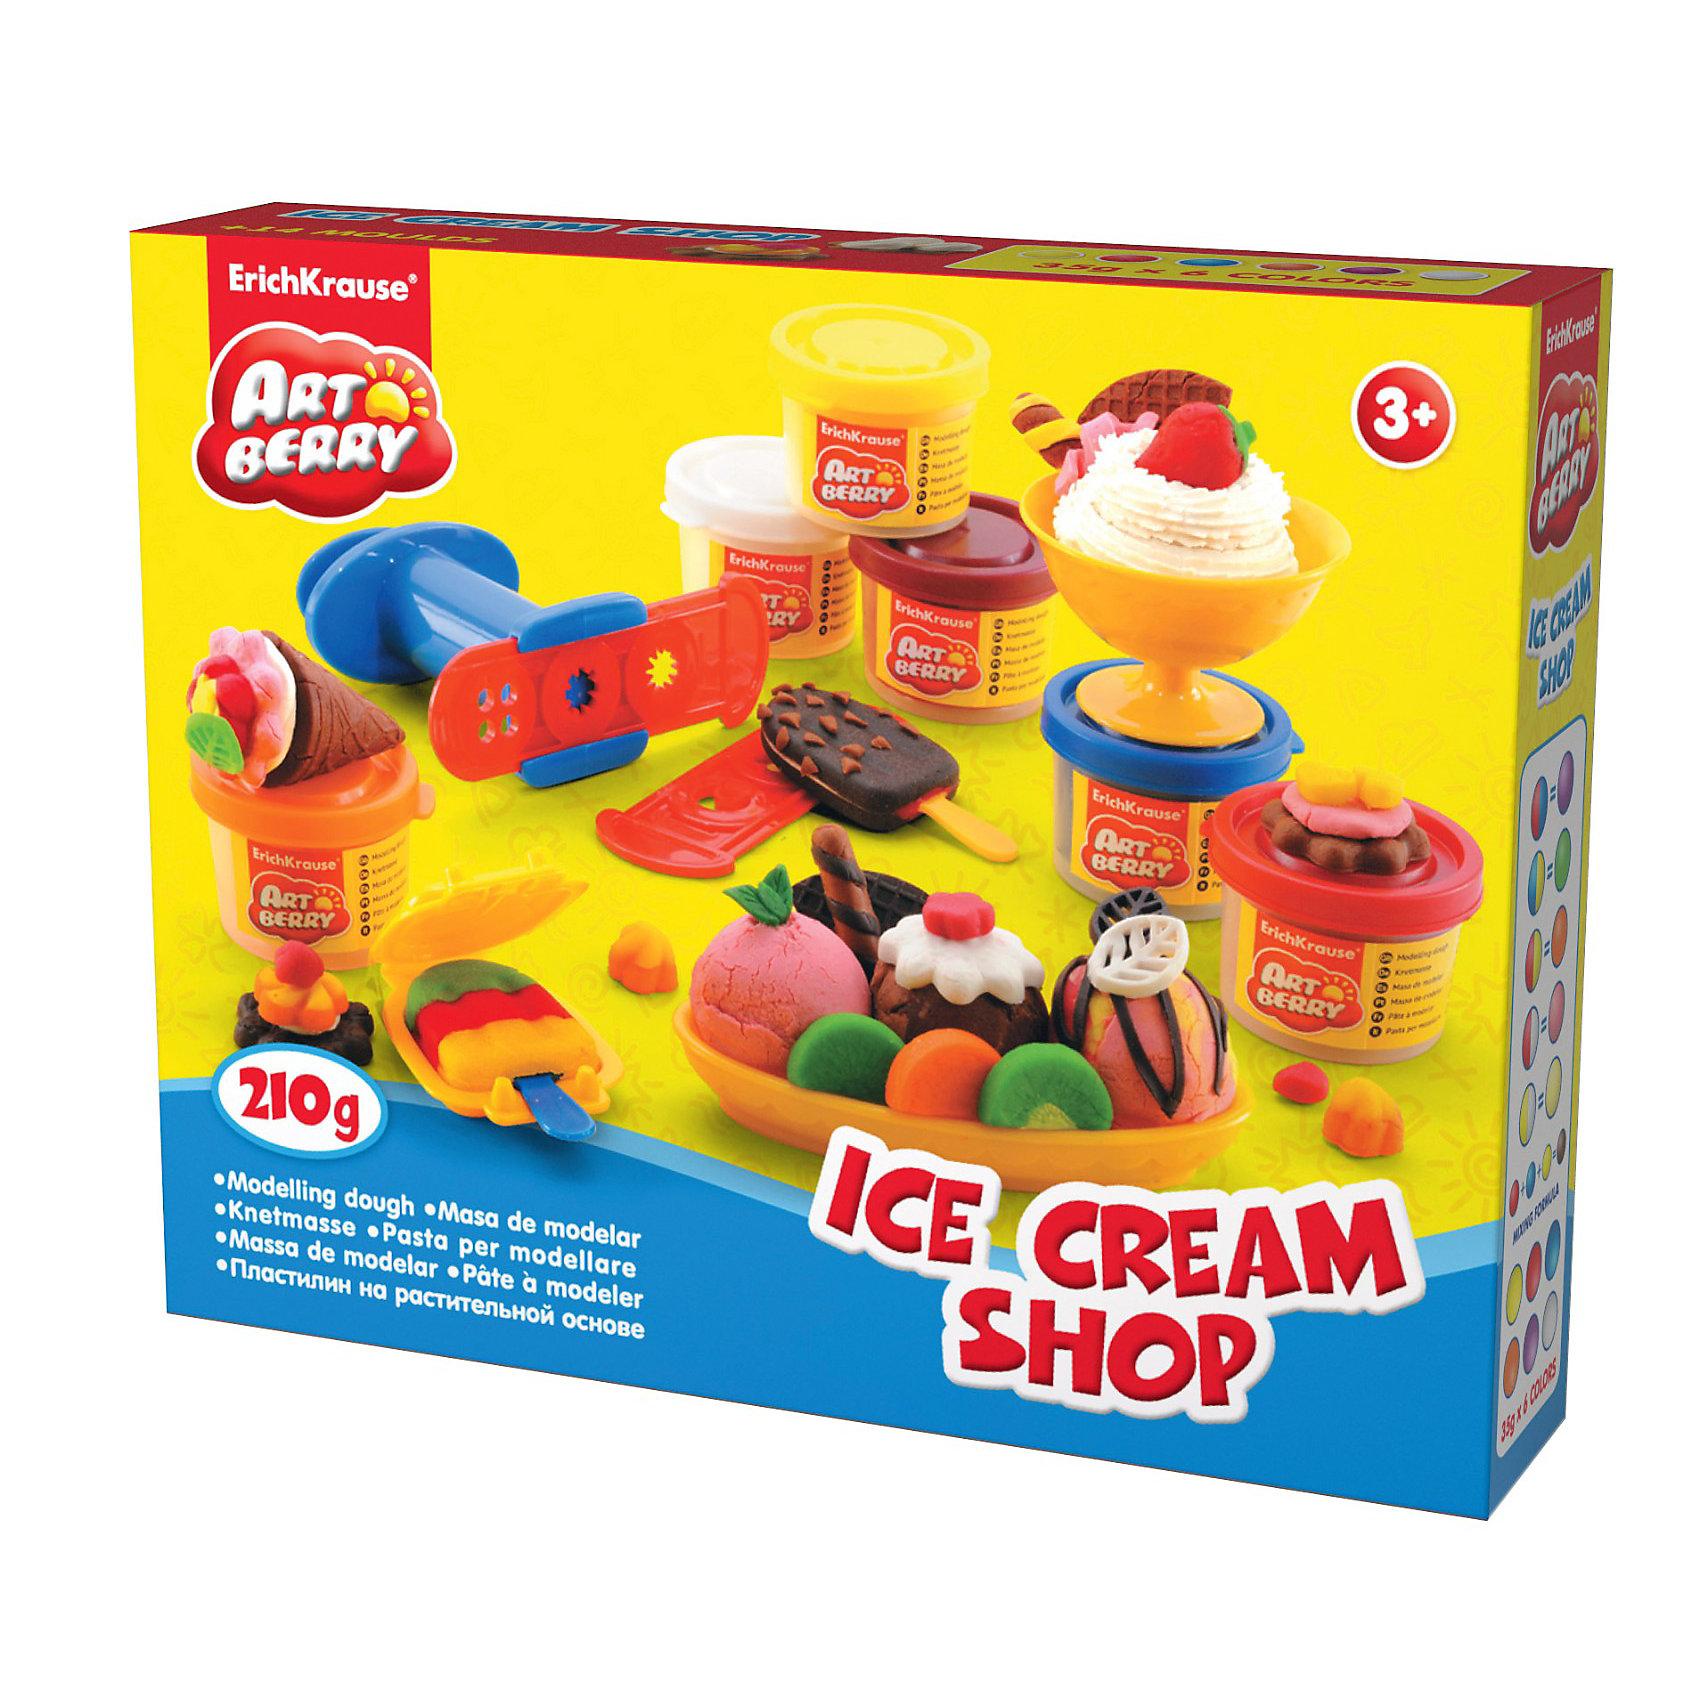 Игровой набор Магазин мороженого, Artberry, 6 цвПластилин от Erich Krause (Эрих Краузе)  на растительной основе Ice Cream Shop, 6 цв абсолютно безопасен для Вашего малыша!<br><br>Дополнительная информация:<br><br>Состав: 6 цветов пластилина по 35 г + 2 формы-трафарета для пластилина, 2 формочки, скалка, стек, 2 палочки, 2 тарелки, ложка, шприц, 2 декоративные линейки. Упаковка: картонная коробка в термоплёнке<br><br>Ширина мм: 250<br>Глубина мм: 200<br>Высота мм: 500<br>Вес г: 537<br>Возраст от месяцев: 36<br>Возраст до месяцев: 144<br>Пол: Унисекс<br>Возраст: Детский<br>SKU: 3293873